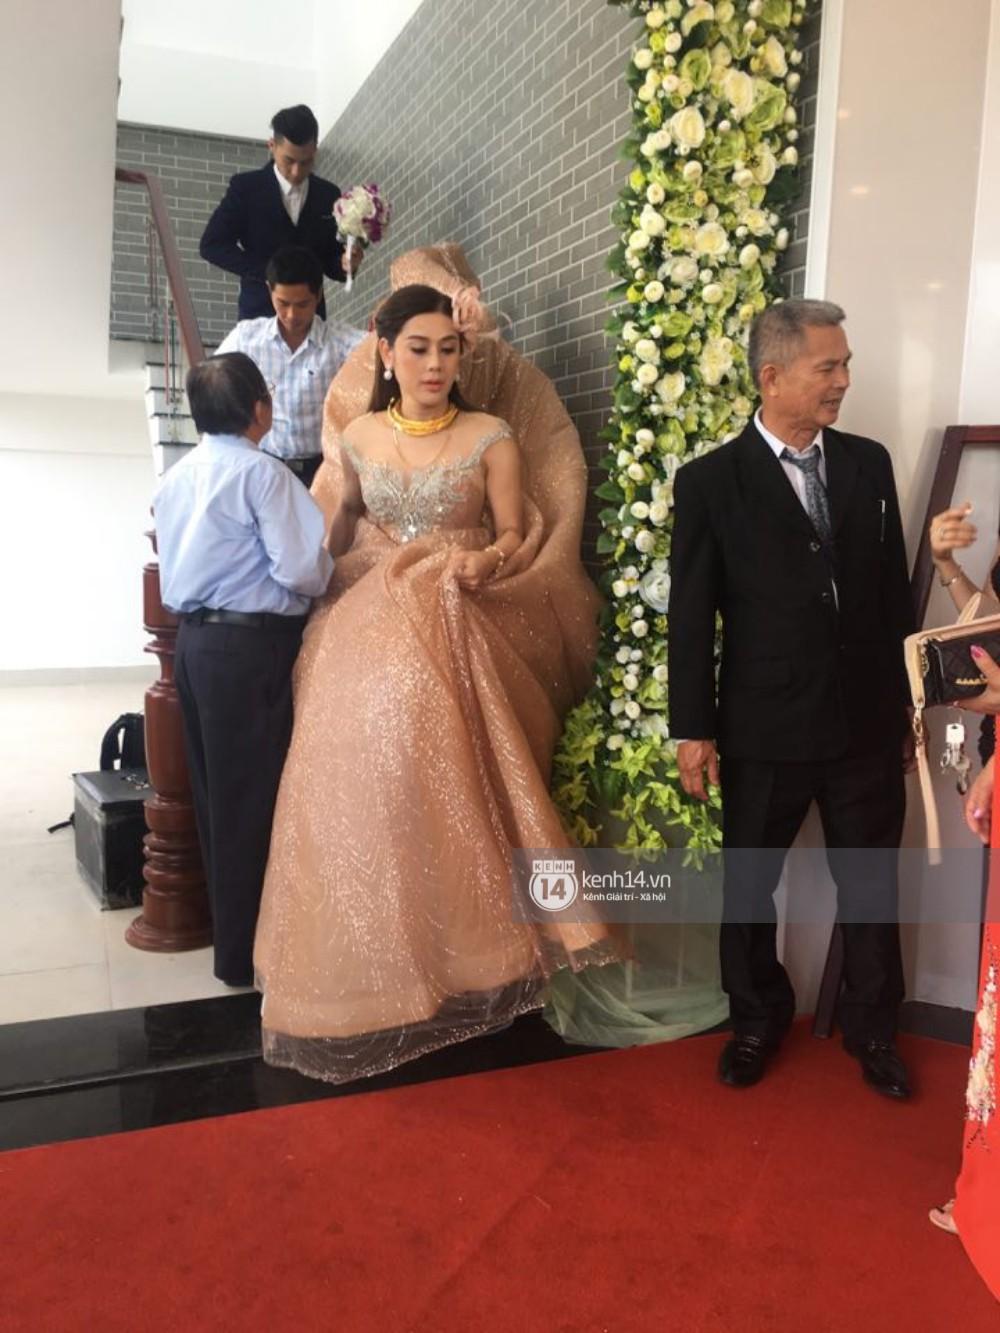 Lâm Khánh Chi chơi lớn thay đến 5 bộ váy tà dài quét đất chẳng khác nào đi thảm đỏ sự kiện trong đám cưới - Ảnh 7.